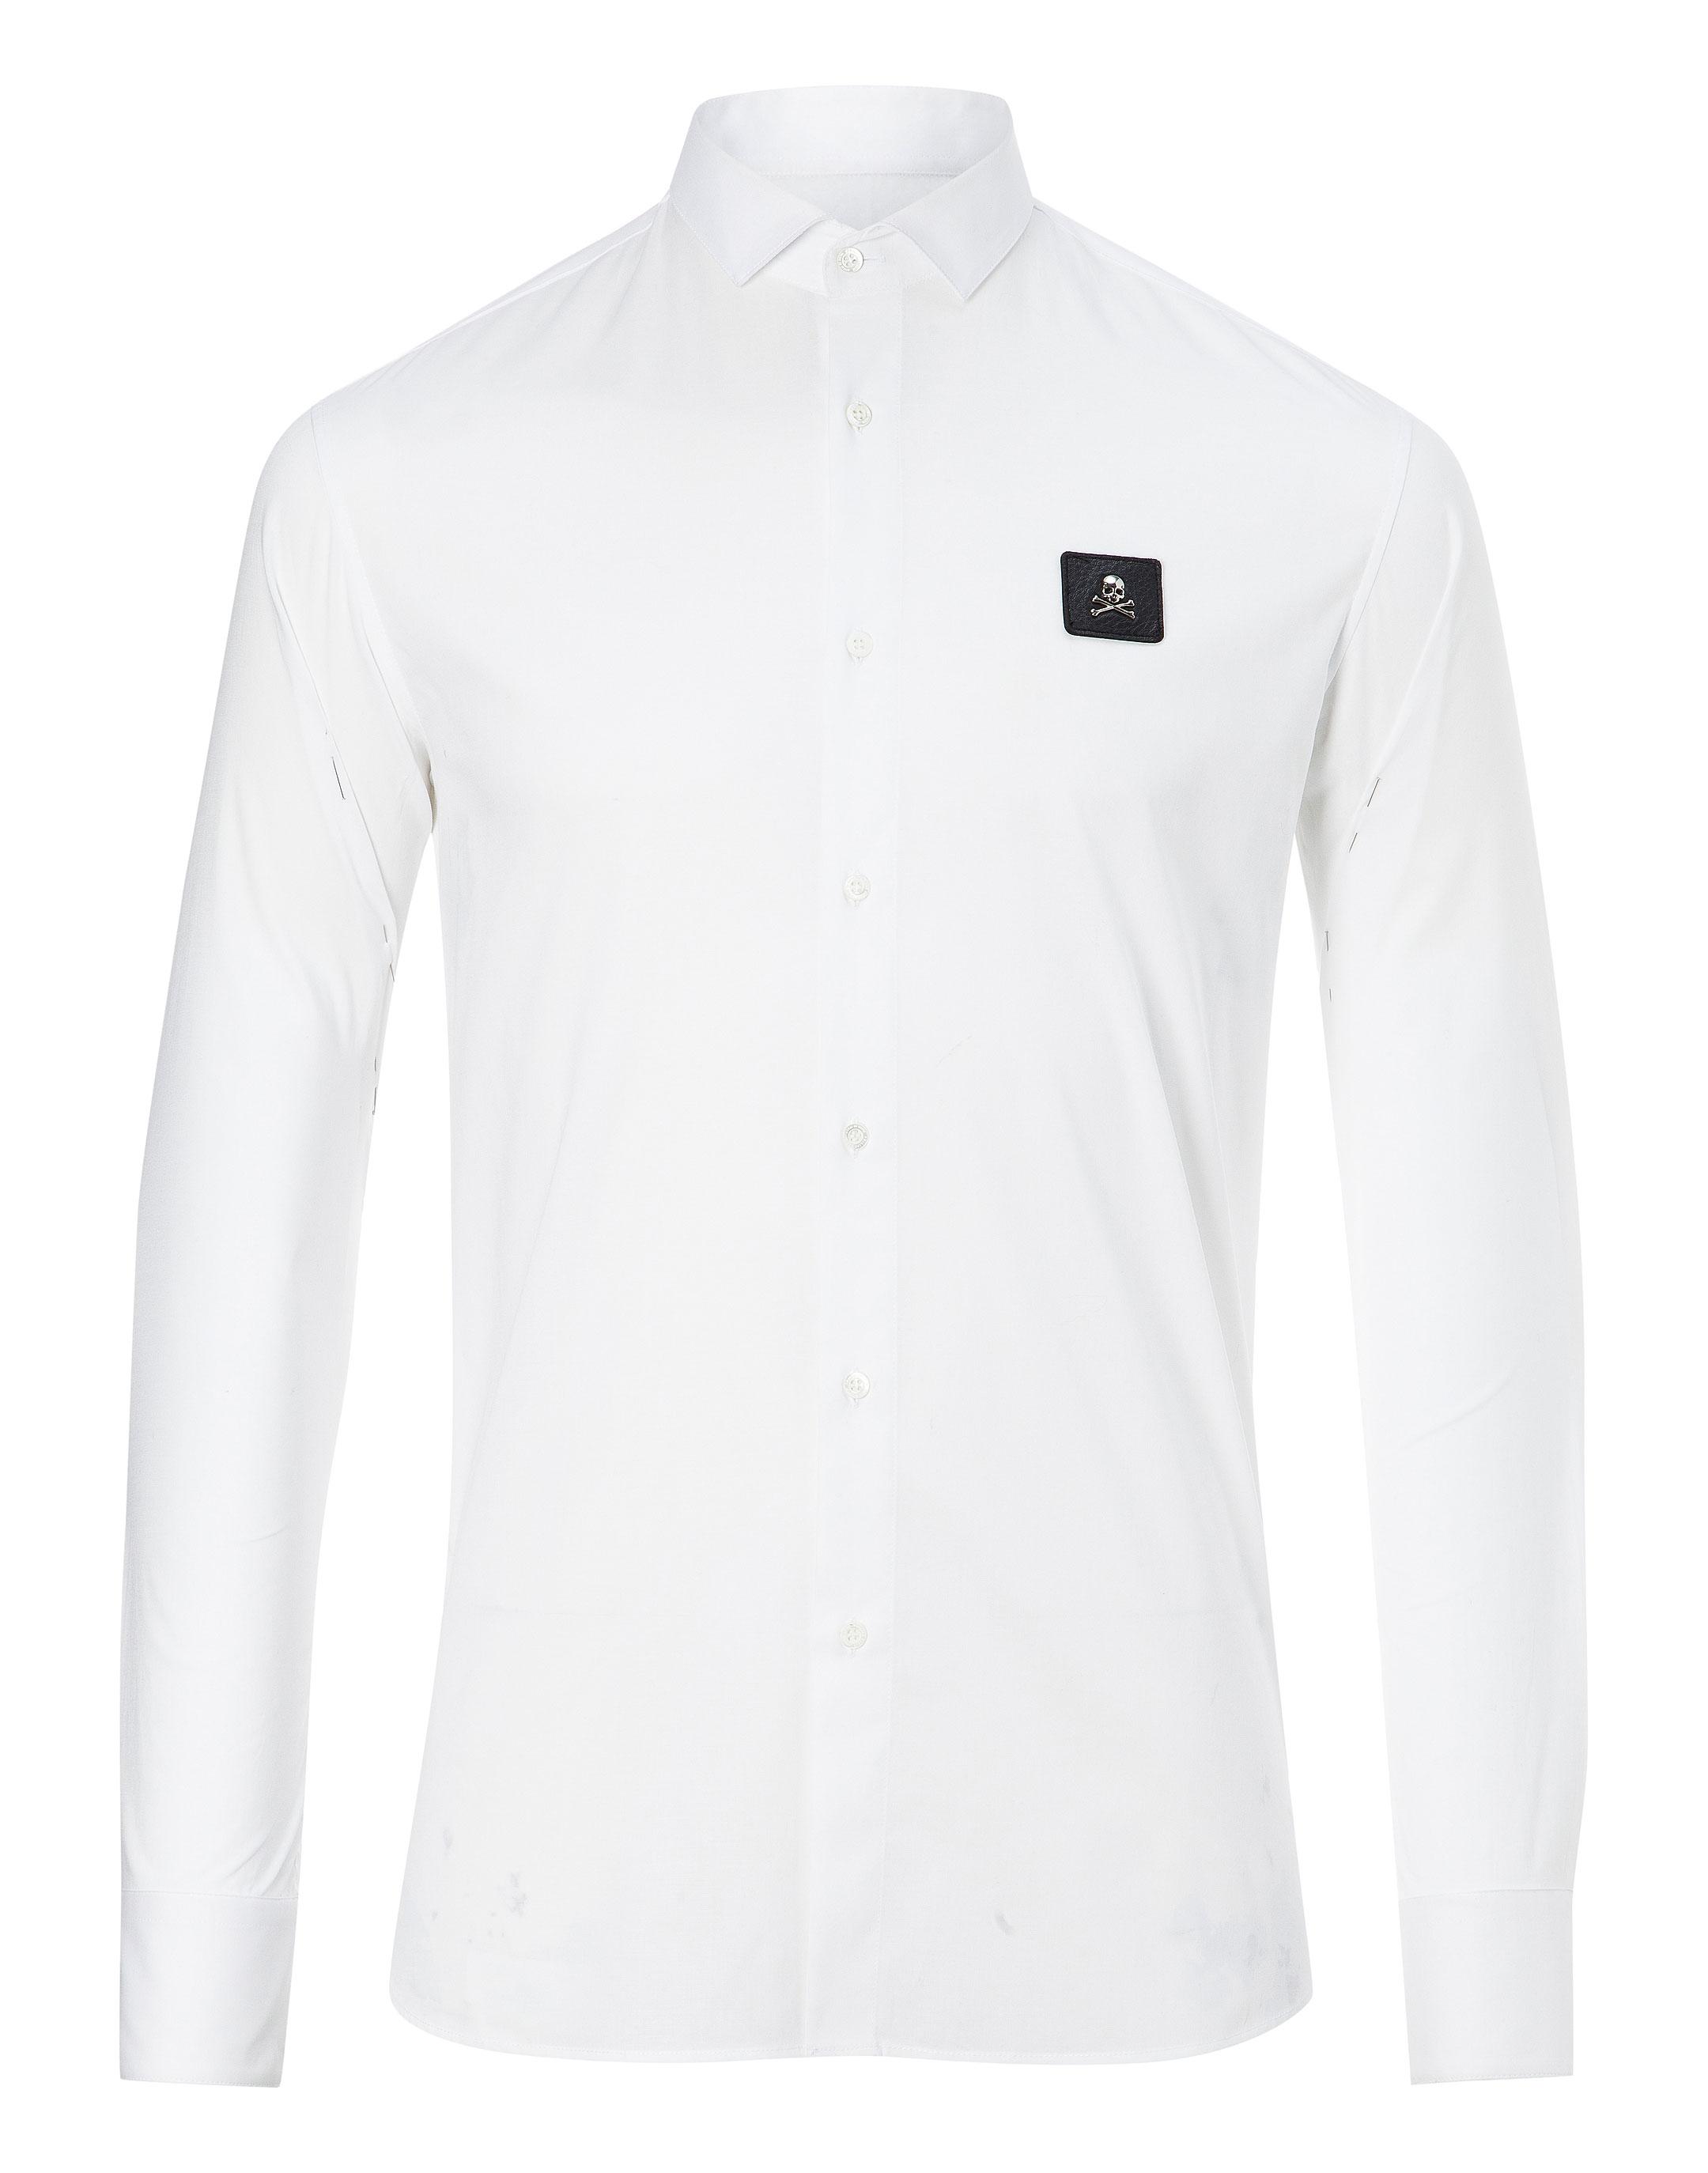 740190a806 Shirt